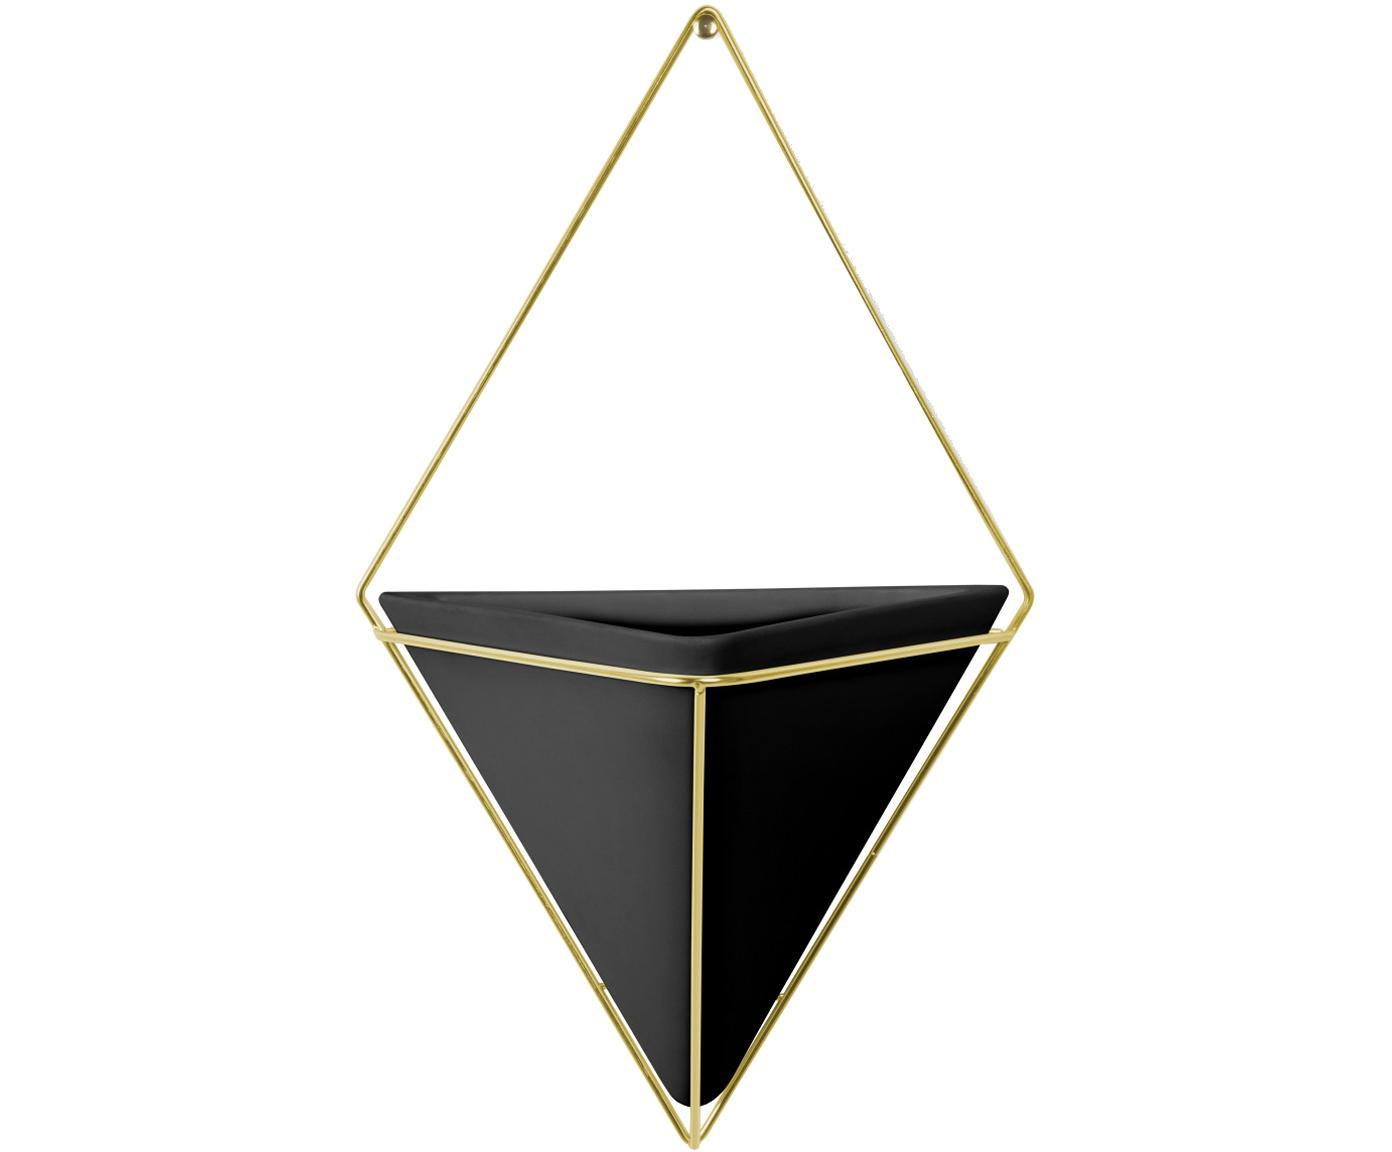 Ścienna osłonka na doniczkę Trigg, Stelaż: metal mosiądzowany, Czarny, mosiądz, S 22 x W 38 cm